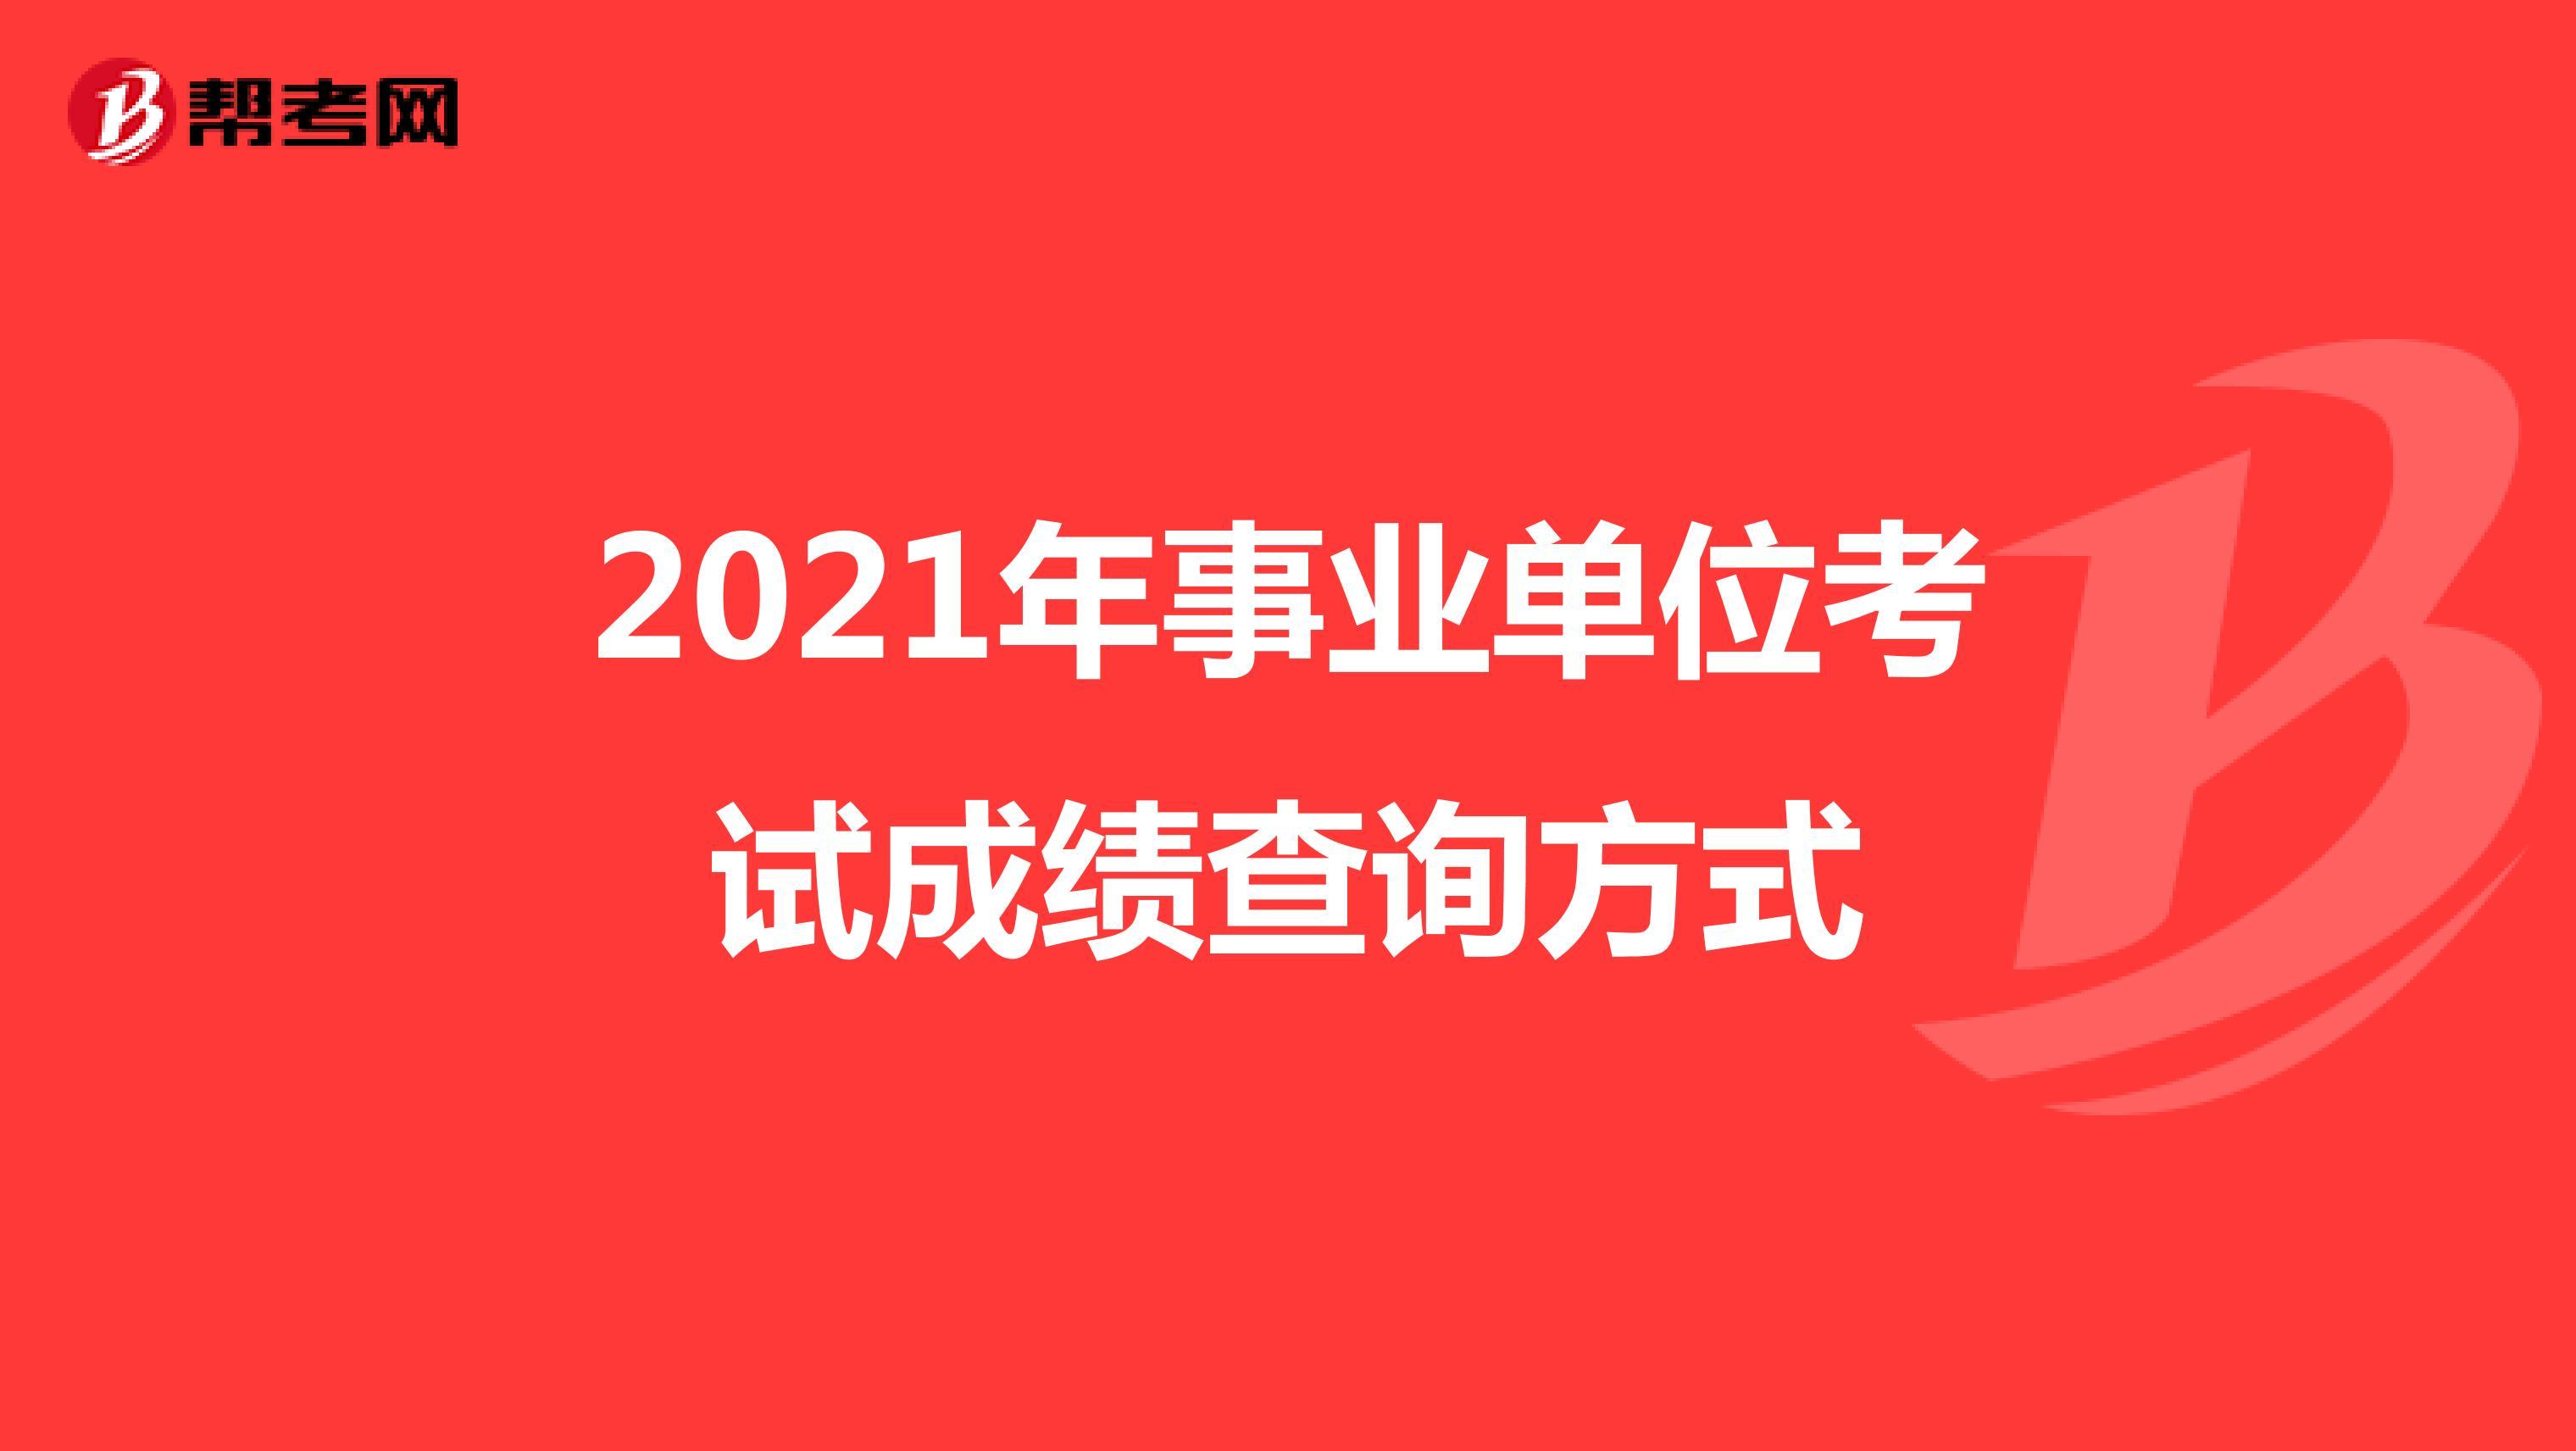 2021年事业单位考试成绩查询方式